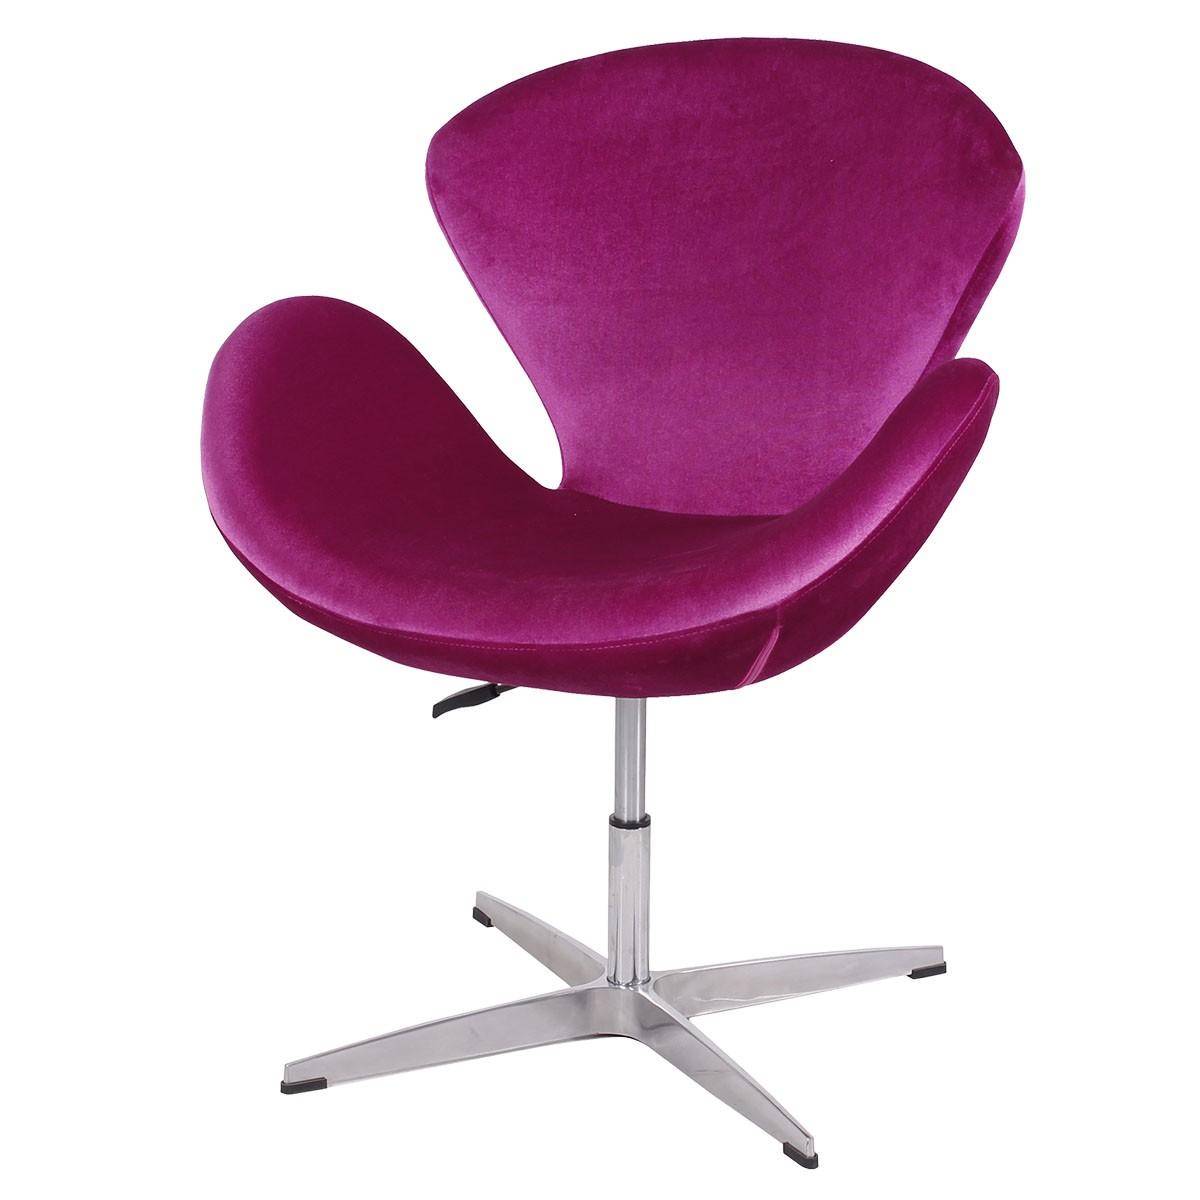 Silla auxiliar 209 muebles arteco for Sillas de oficina modernas